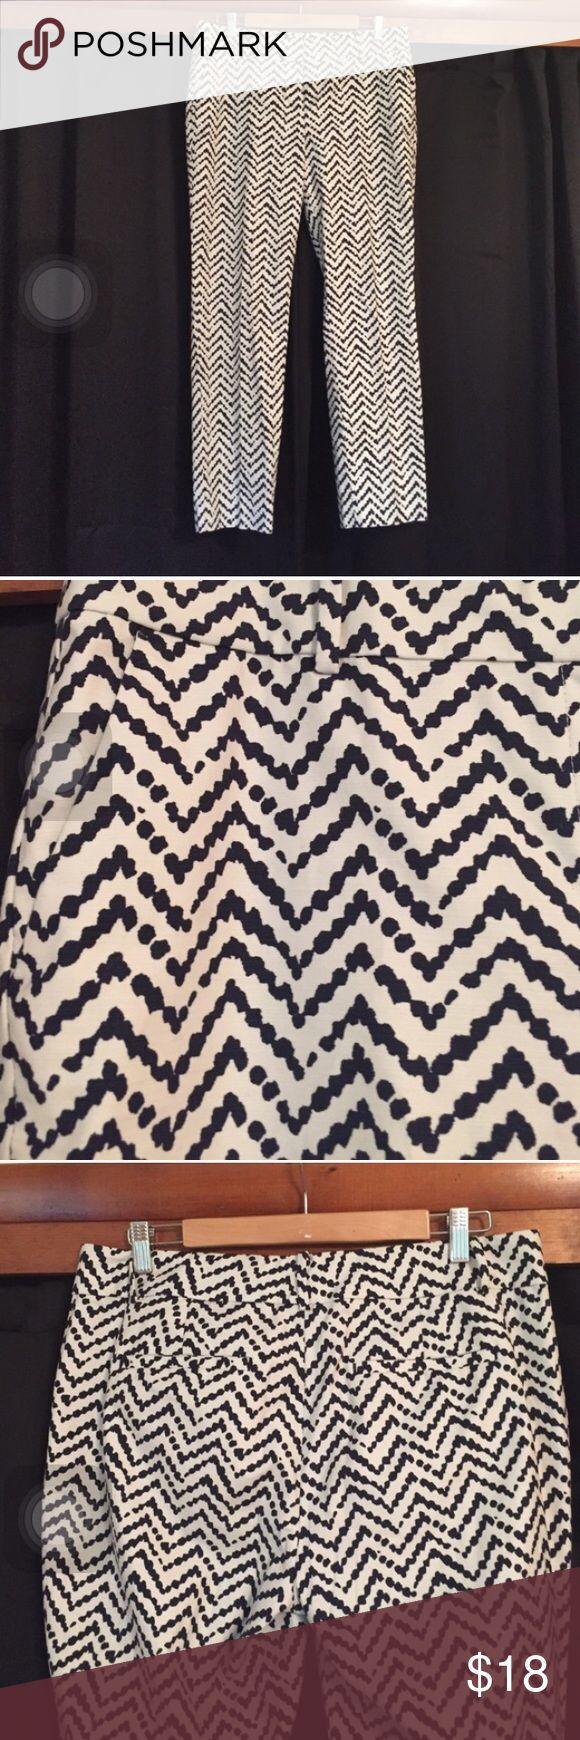 Ann Taylor Chevron Pants 10 Ann Taylor Chevron Pants 10 Ann Taylor Pants